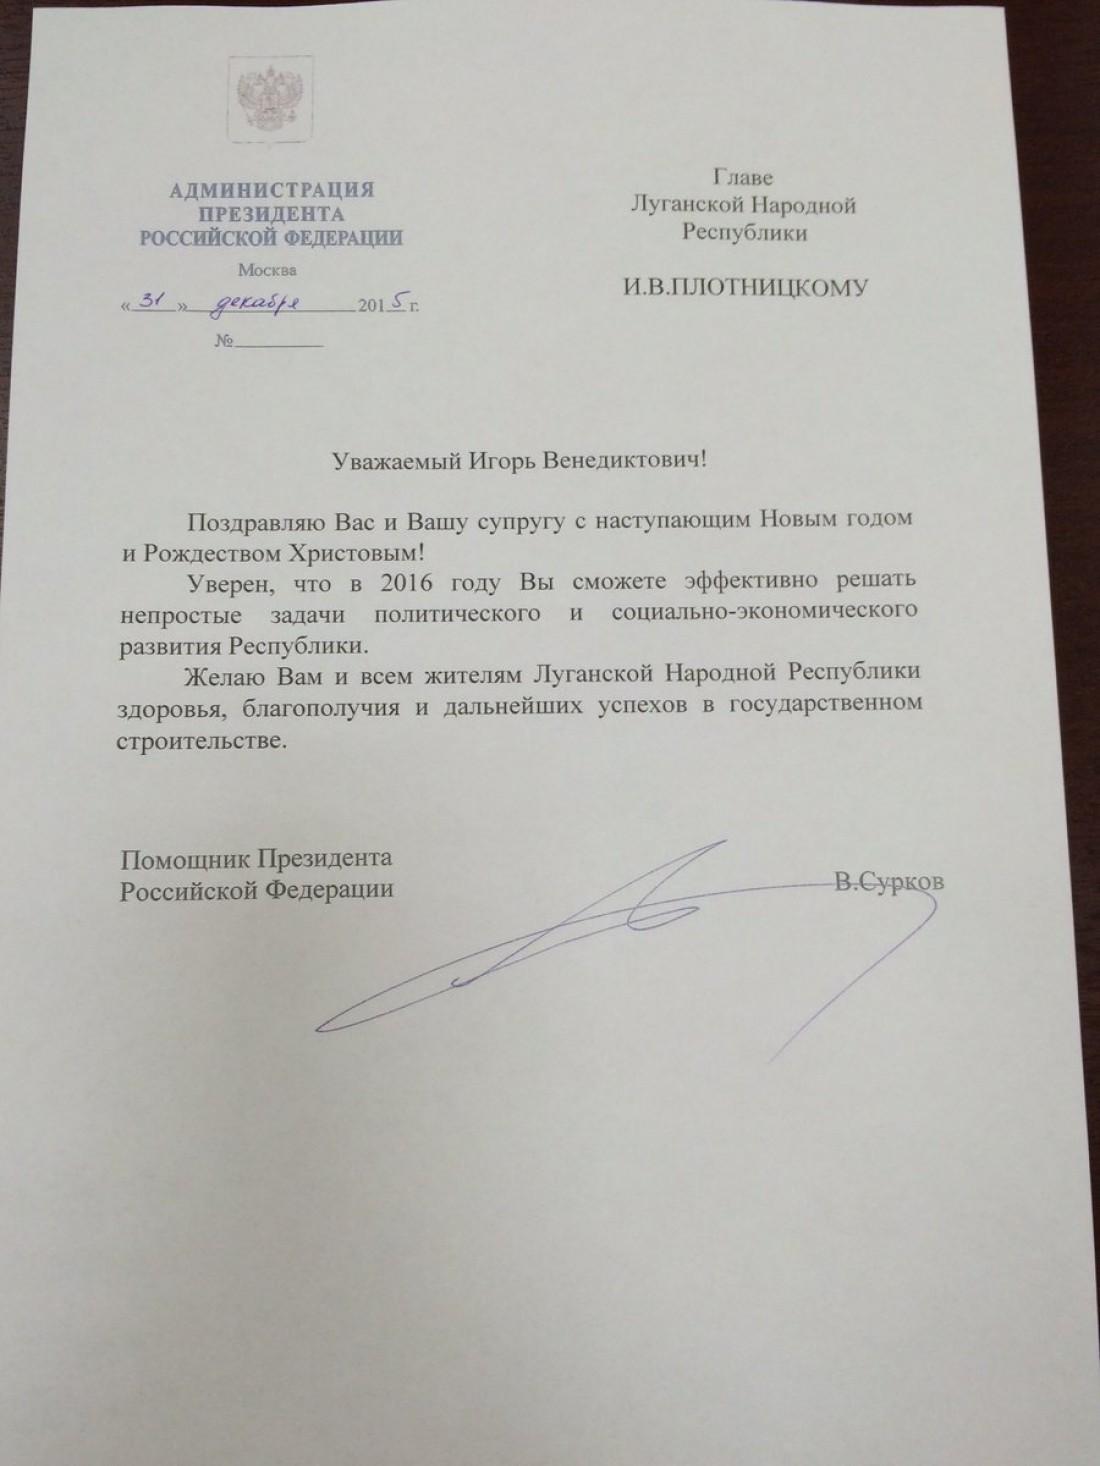 Журналист обнародовал официальное поздравление Плотницкого с Новым годом, отправленное Сурковым